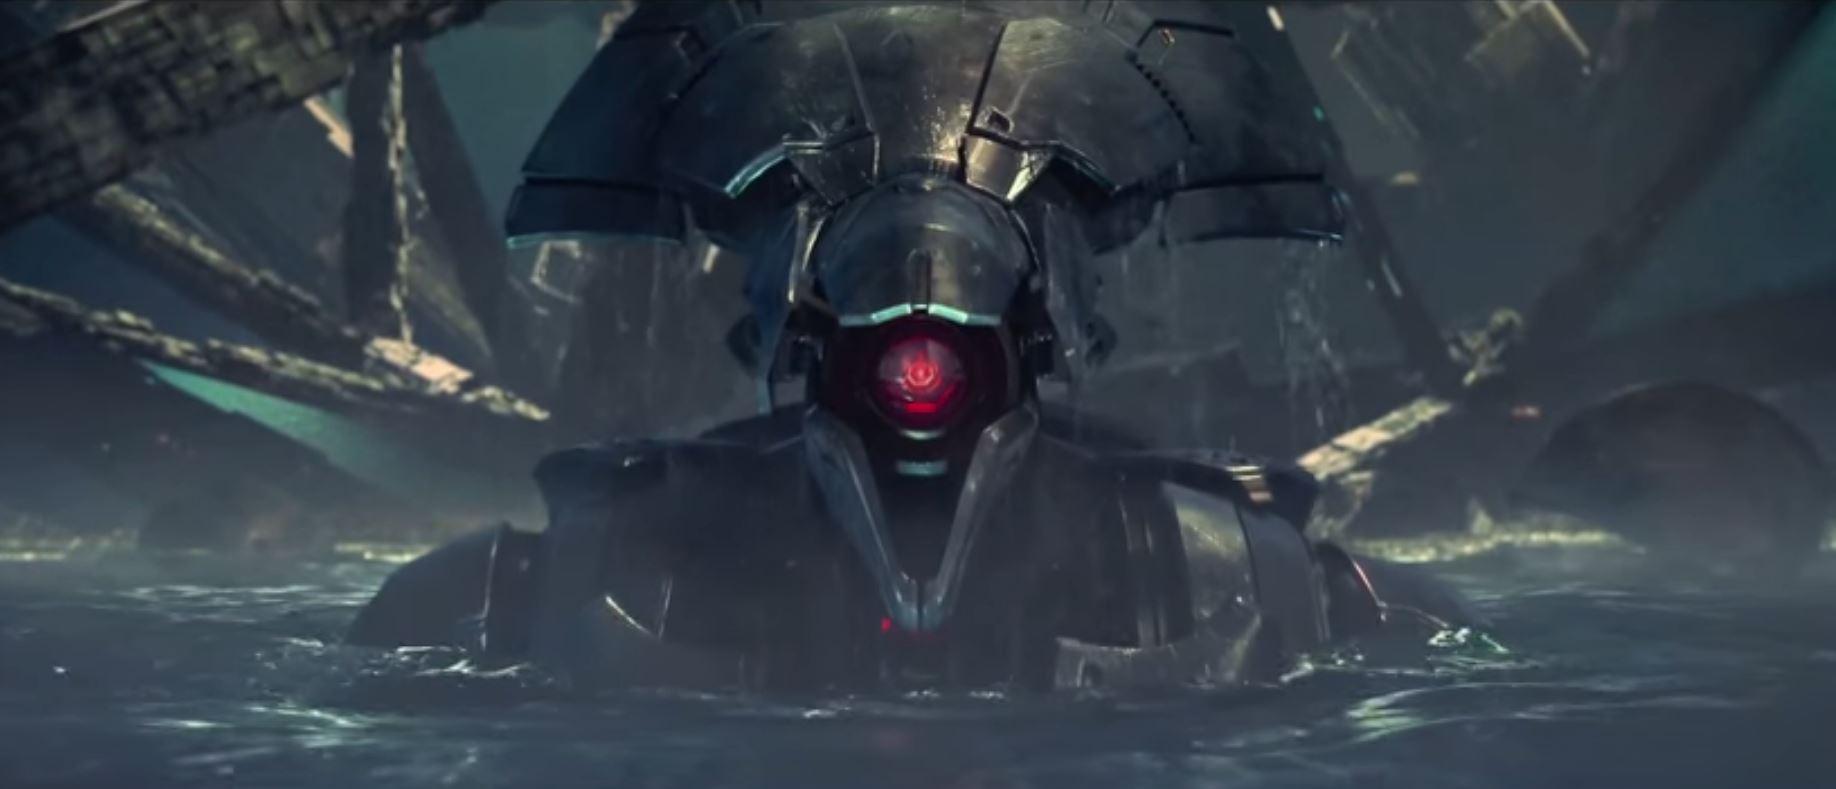 Szene aus einem unbekannten Destiny-Vex-Video